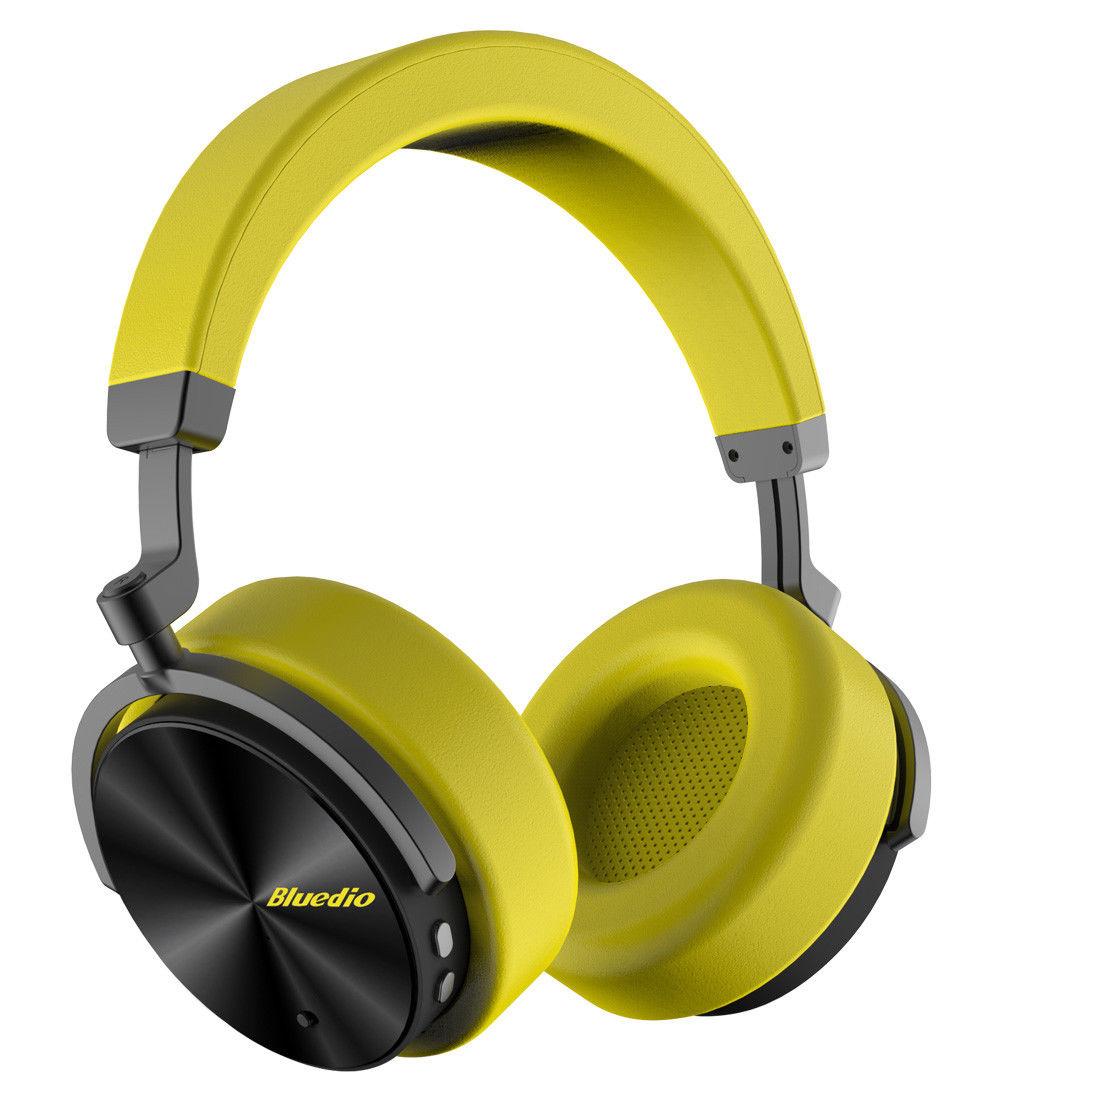 Bluedio T5 Cancelación de ruido solo 19.9€ (desde España)